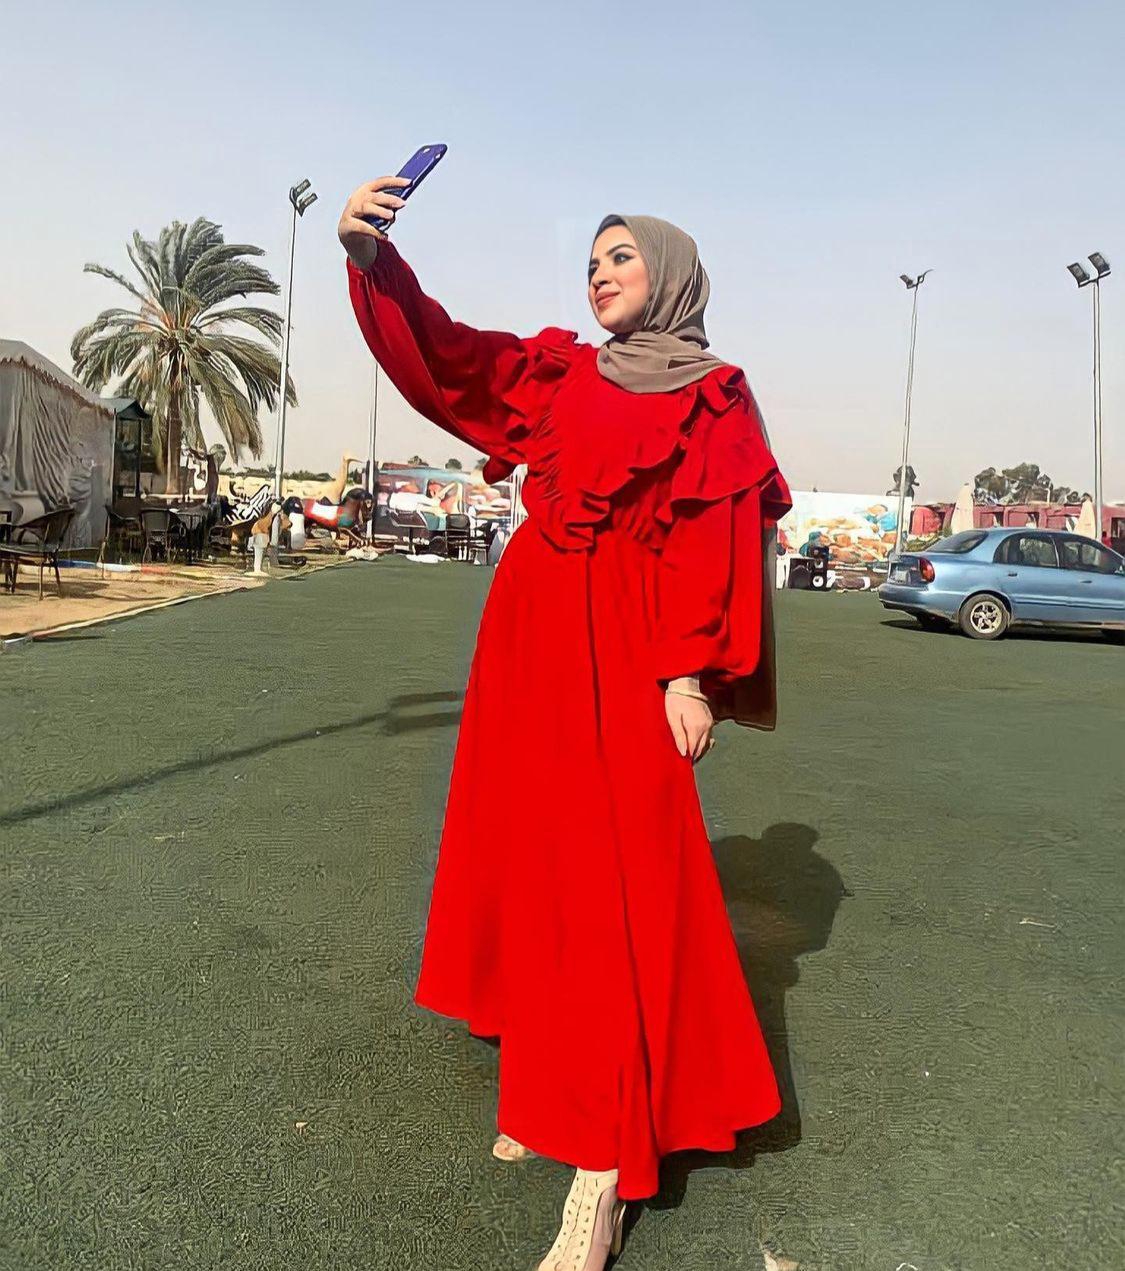 ندى خالد بفستان احمر من القطن -الصورة من حسابها على الانستغرام